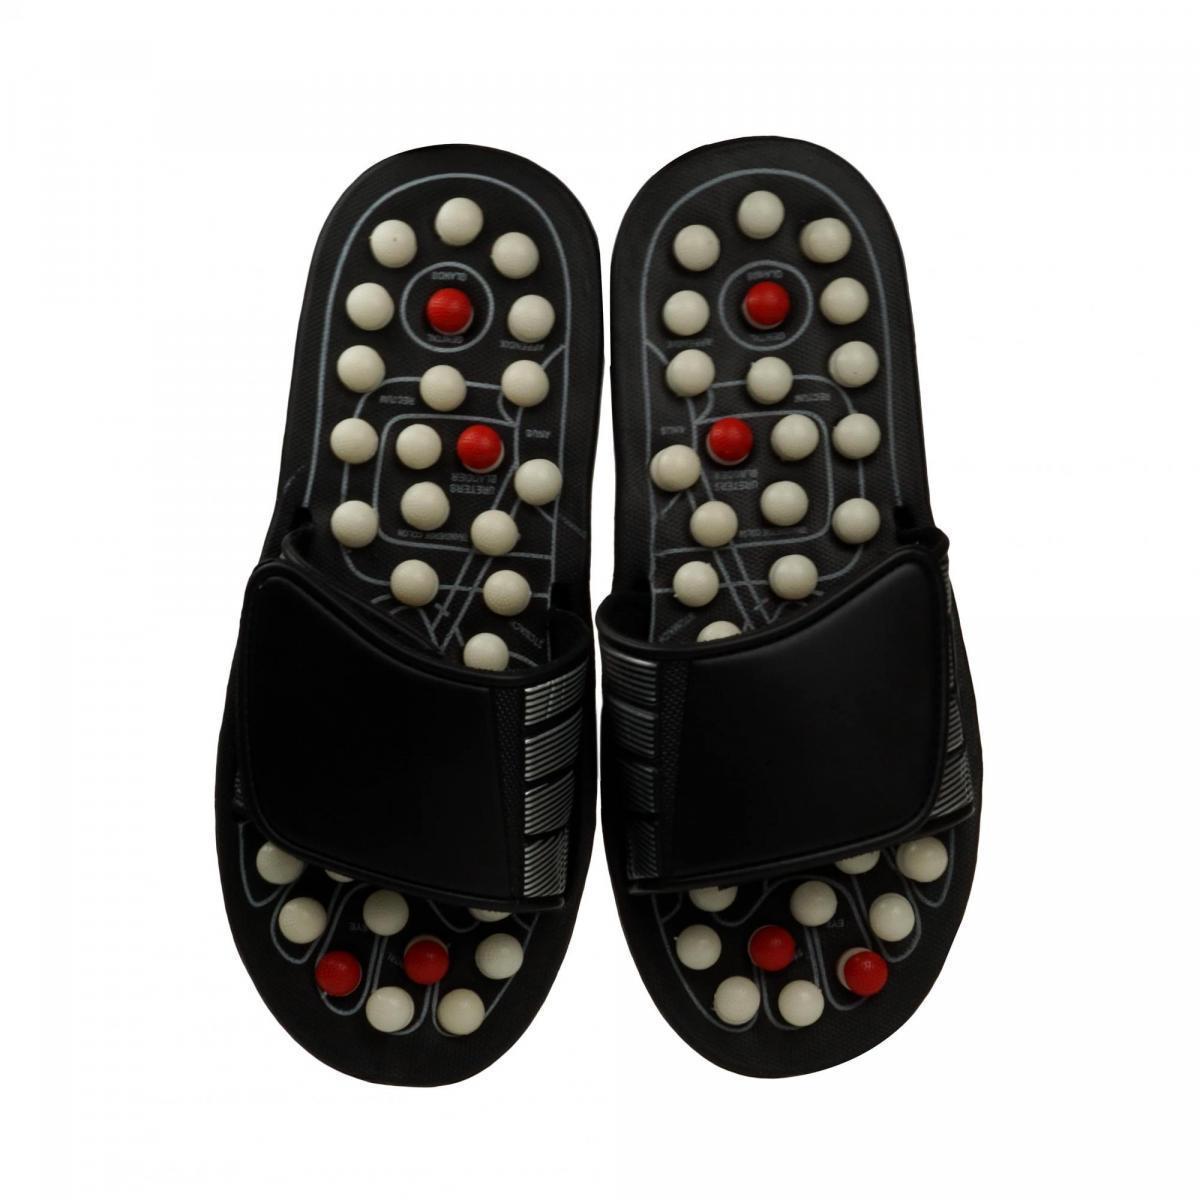 Рефлекторные массажные тапочки, XL (44-45 размер)